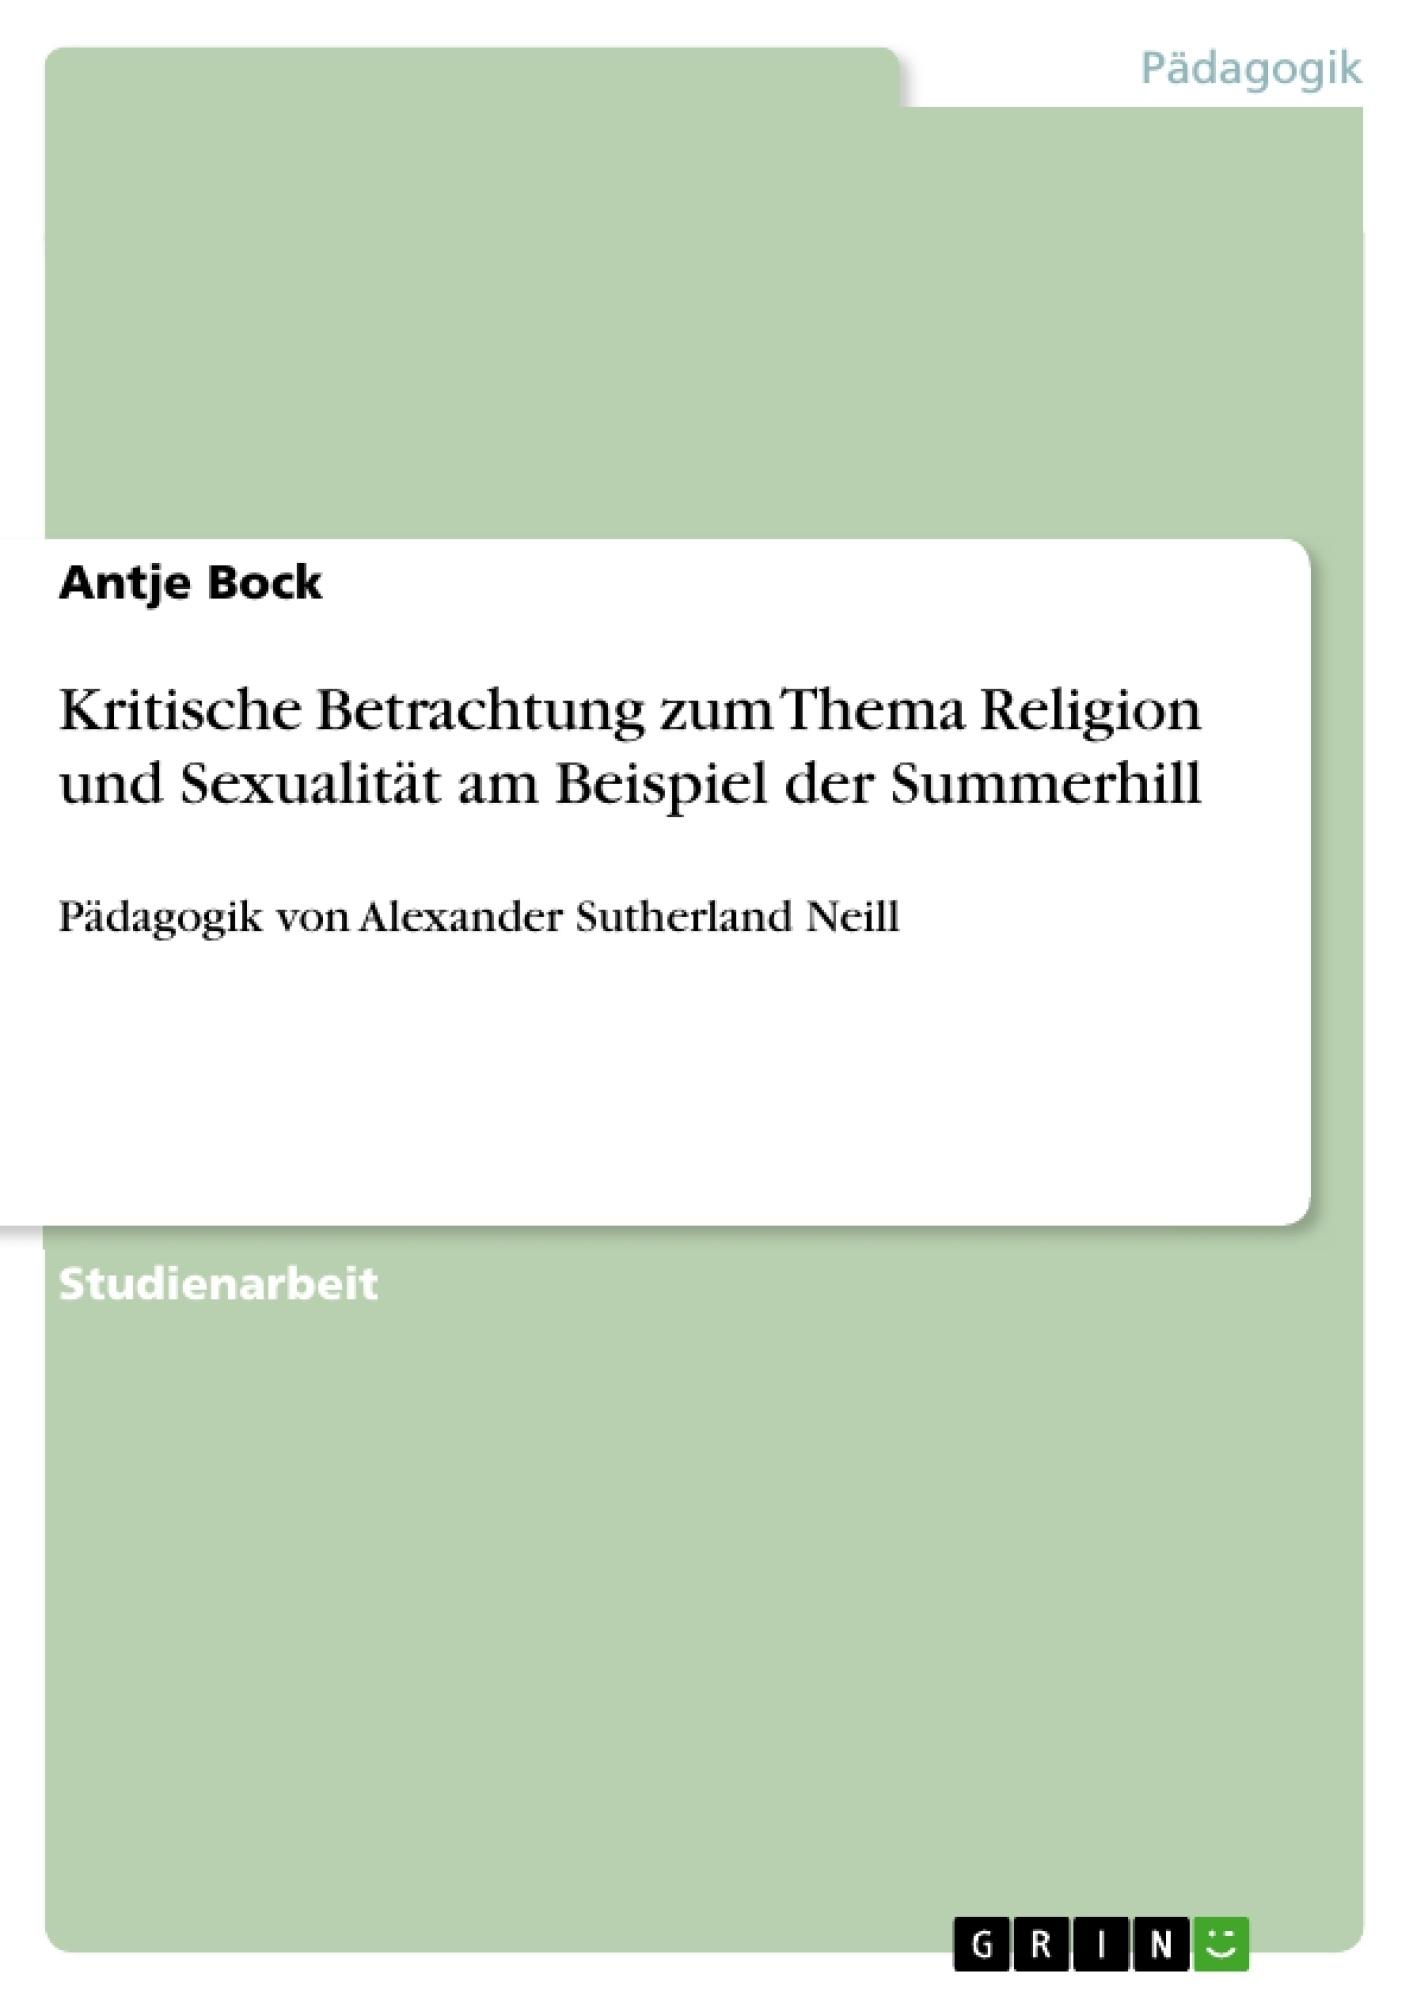 Titel: Kritische Betrachtung zum Thema Religion und Sexualität am Beispiel der Summerhill